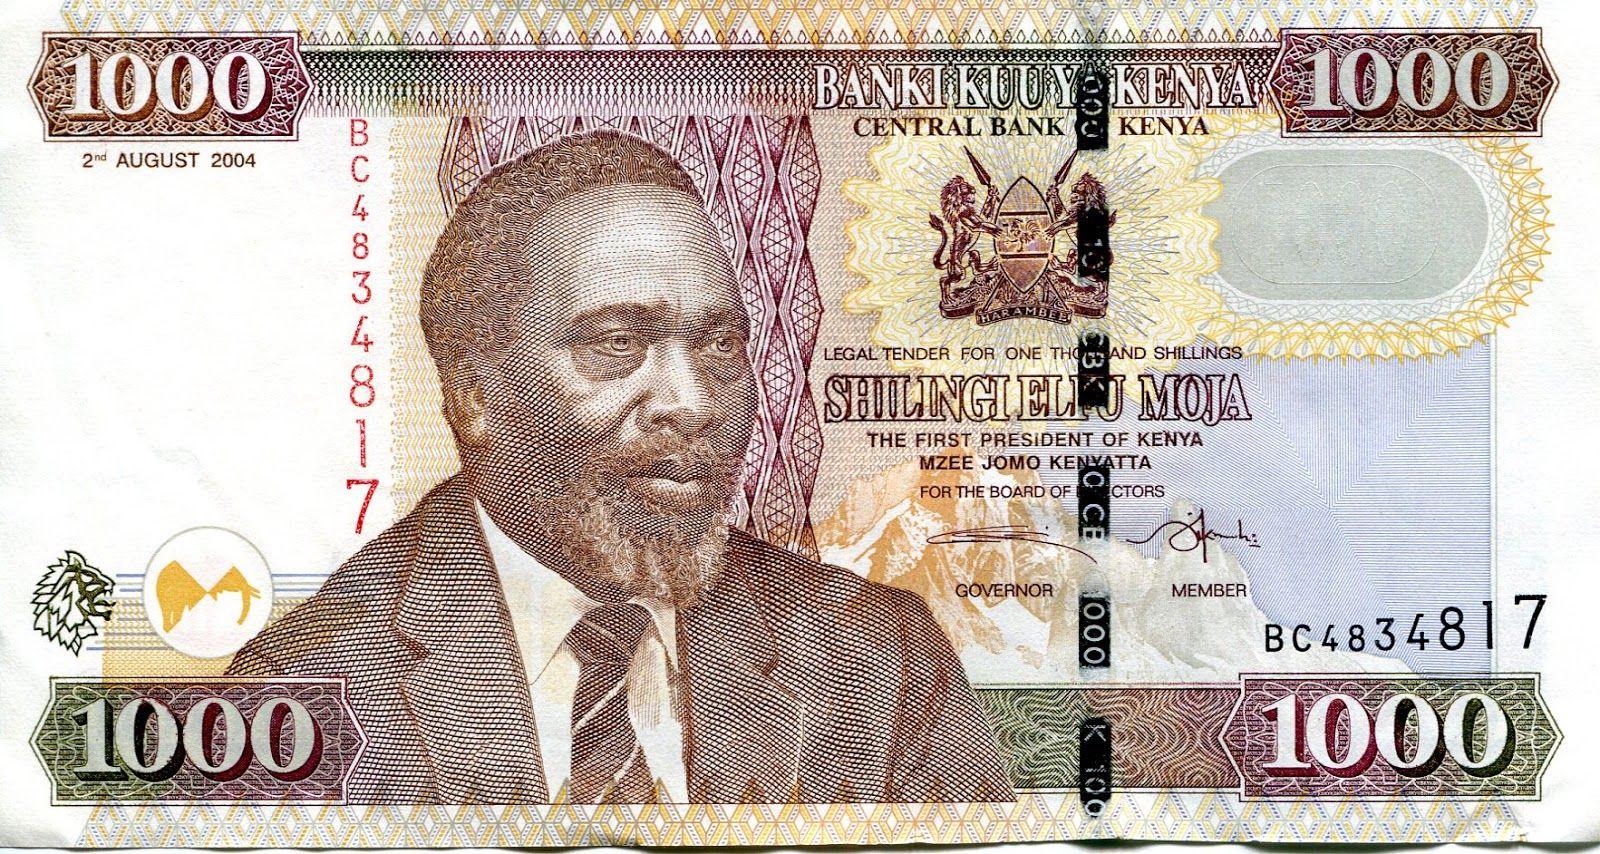 Jomo Kenyatta On A 1000 Kenyan Shilling Note